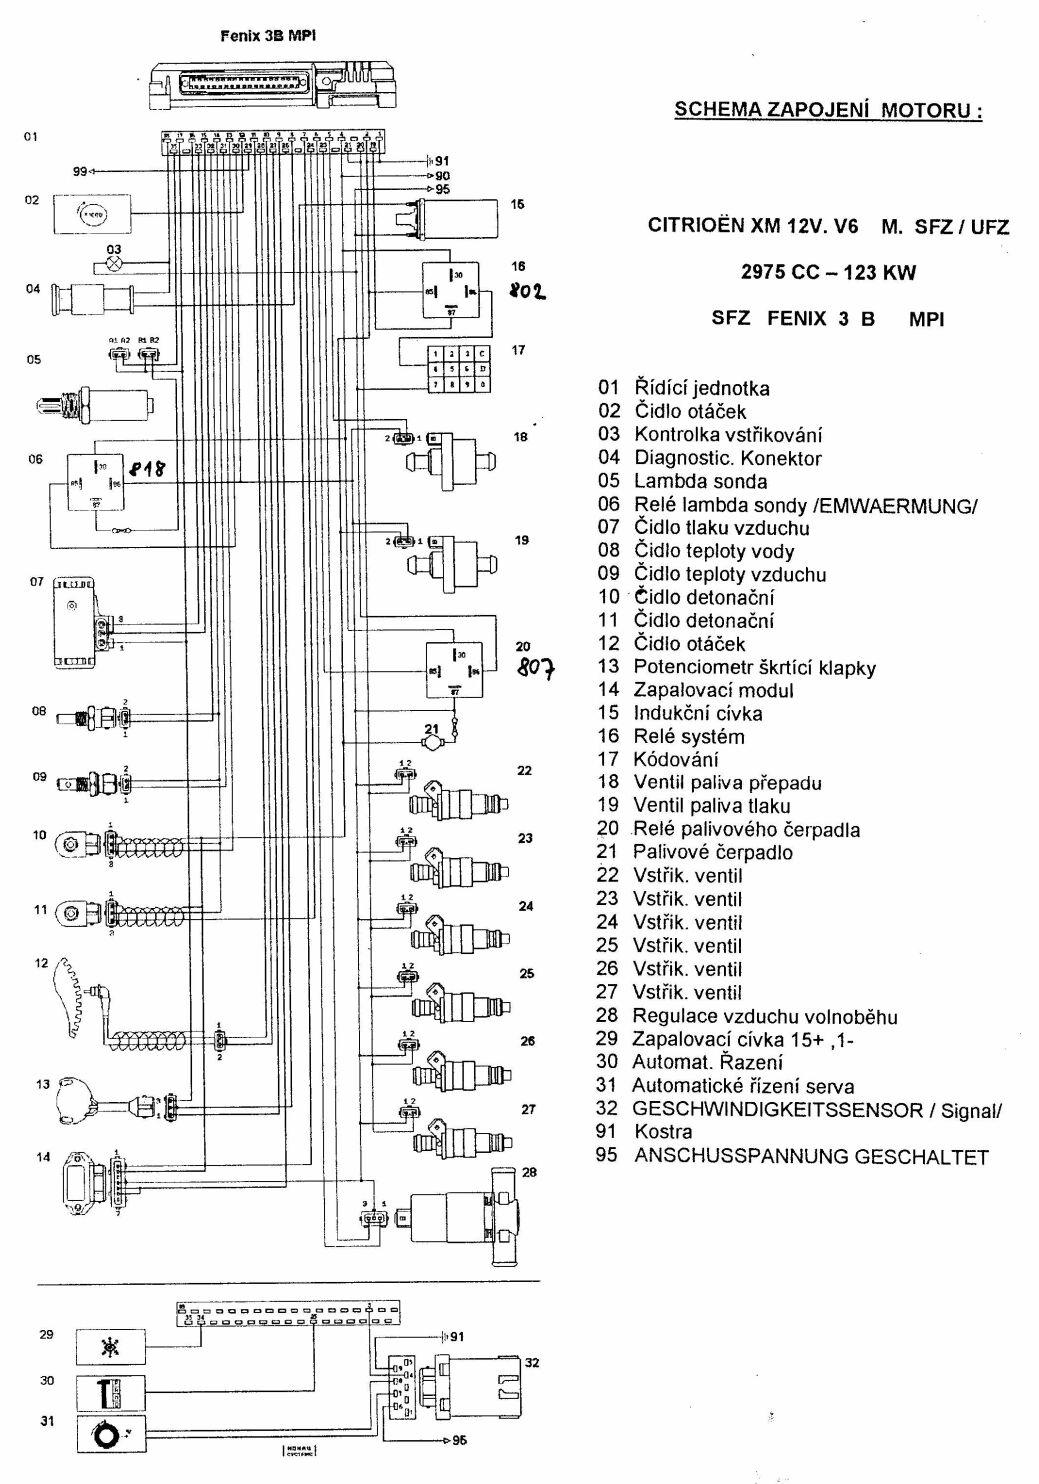 Opel Wiring Diagram Images Start El Motoru V6 12v On